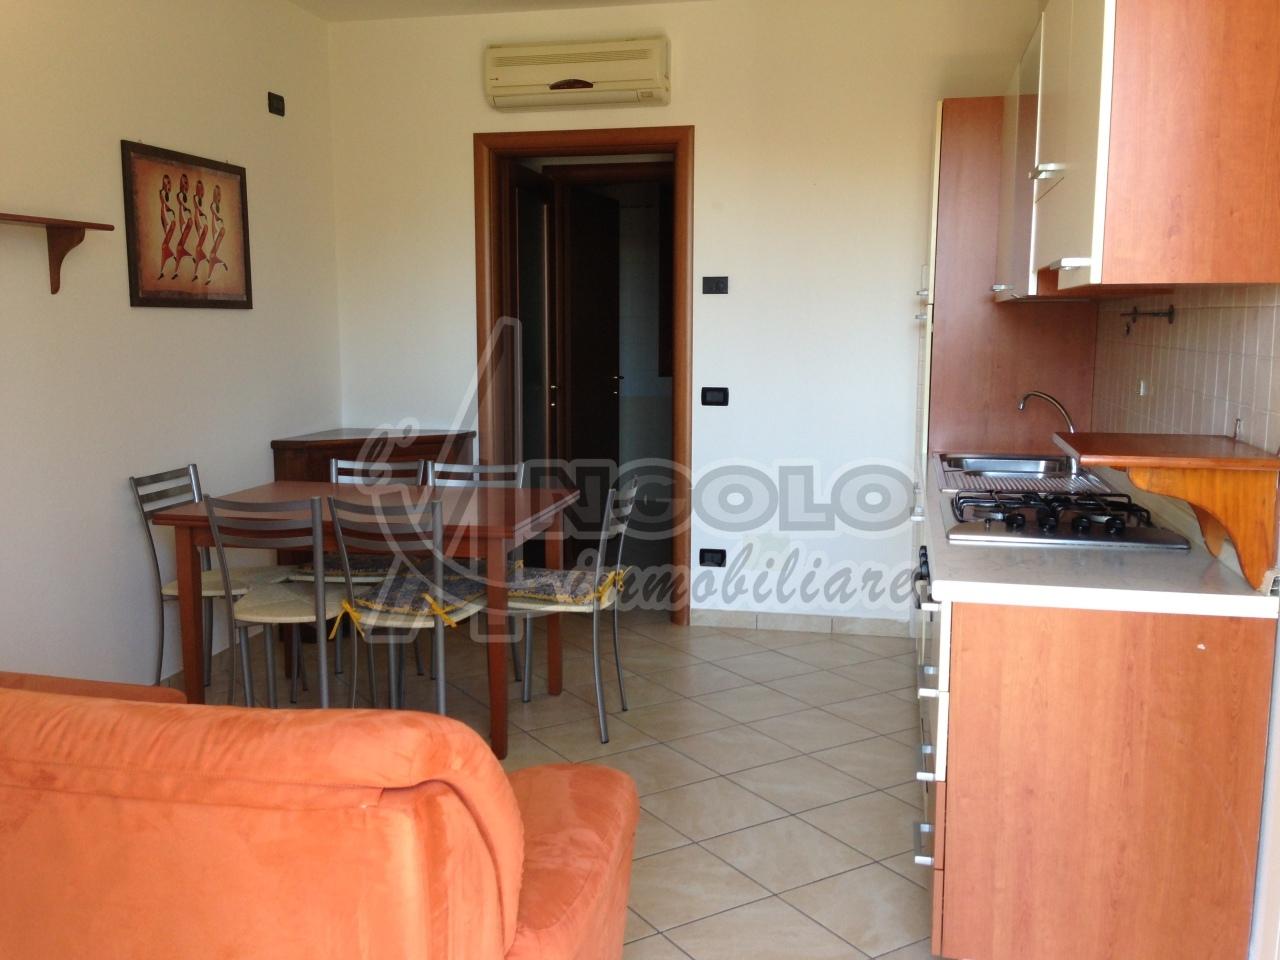 Appartamento in vendita a Polesella, 3 locali, prezzo € 50.000 | Cambio Casa.it